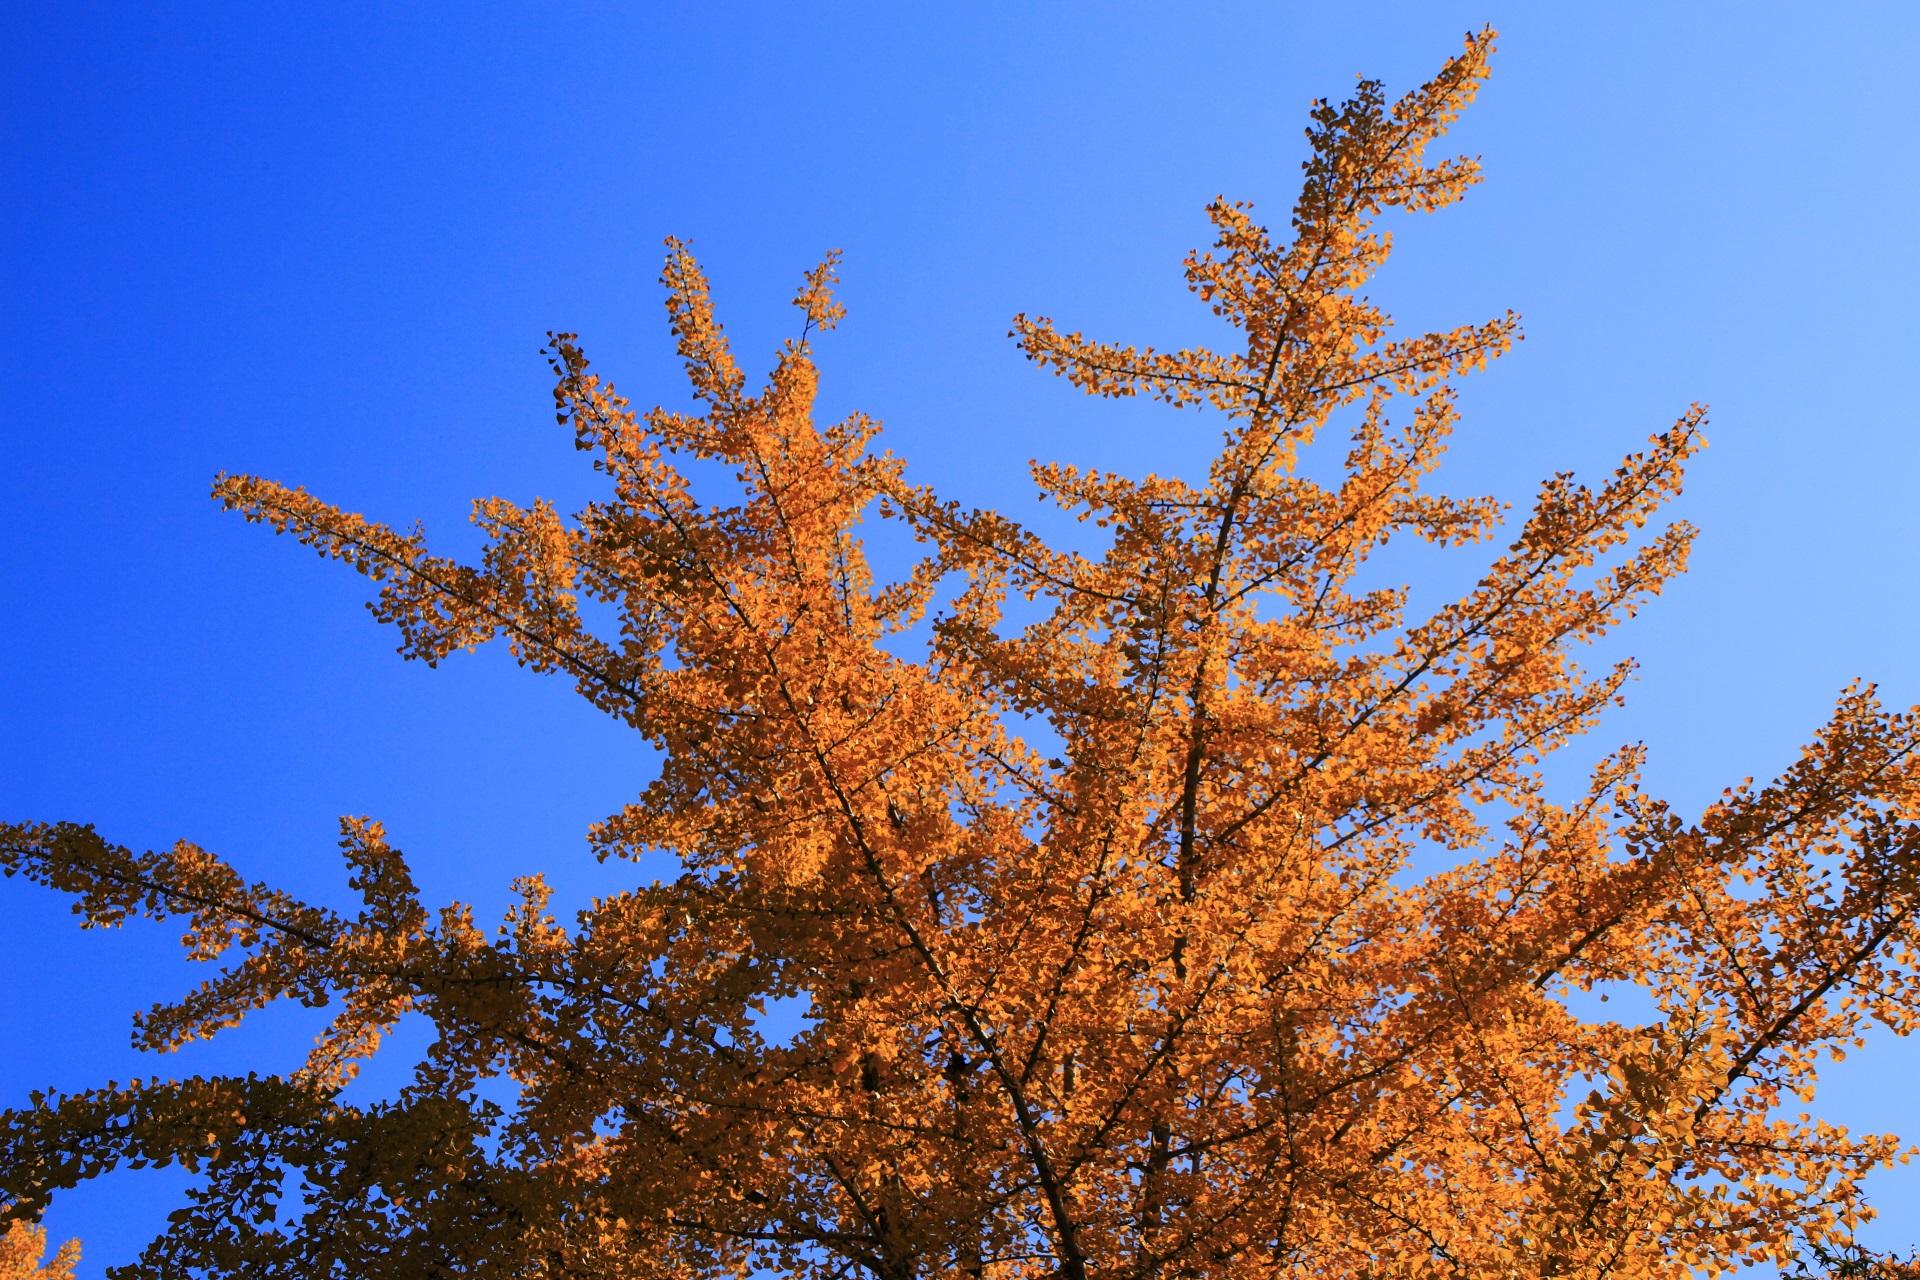 雲一つない青空を染める絶品の銀杏